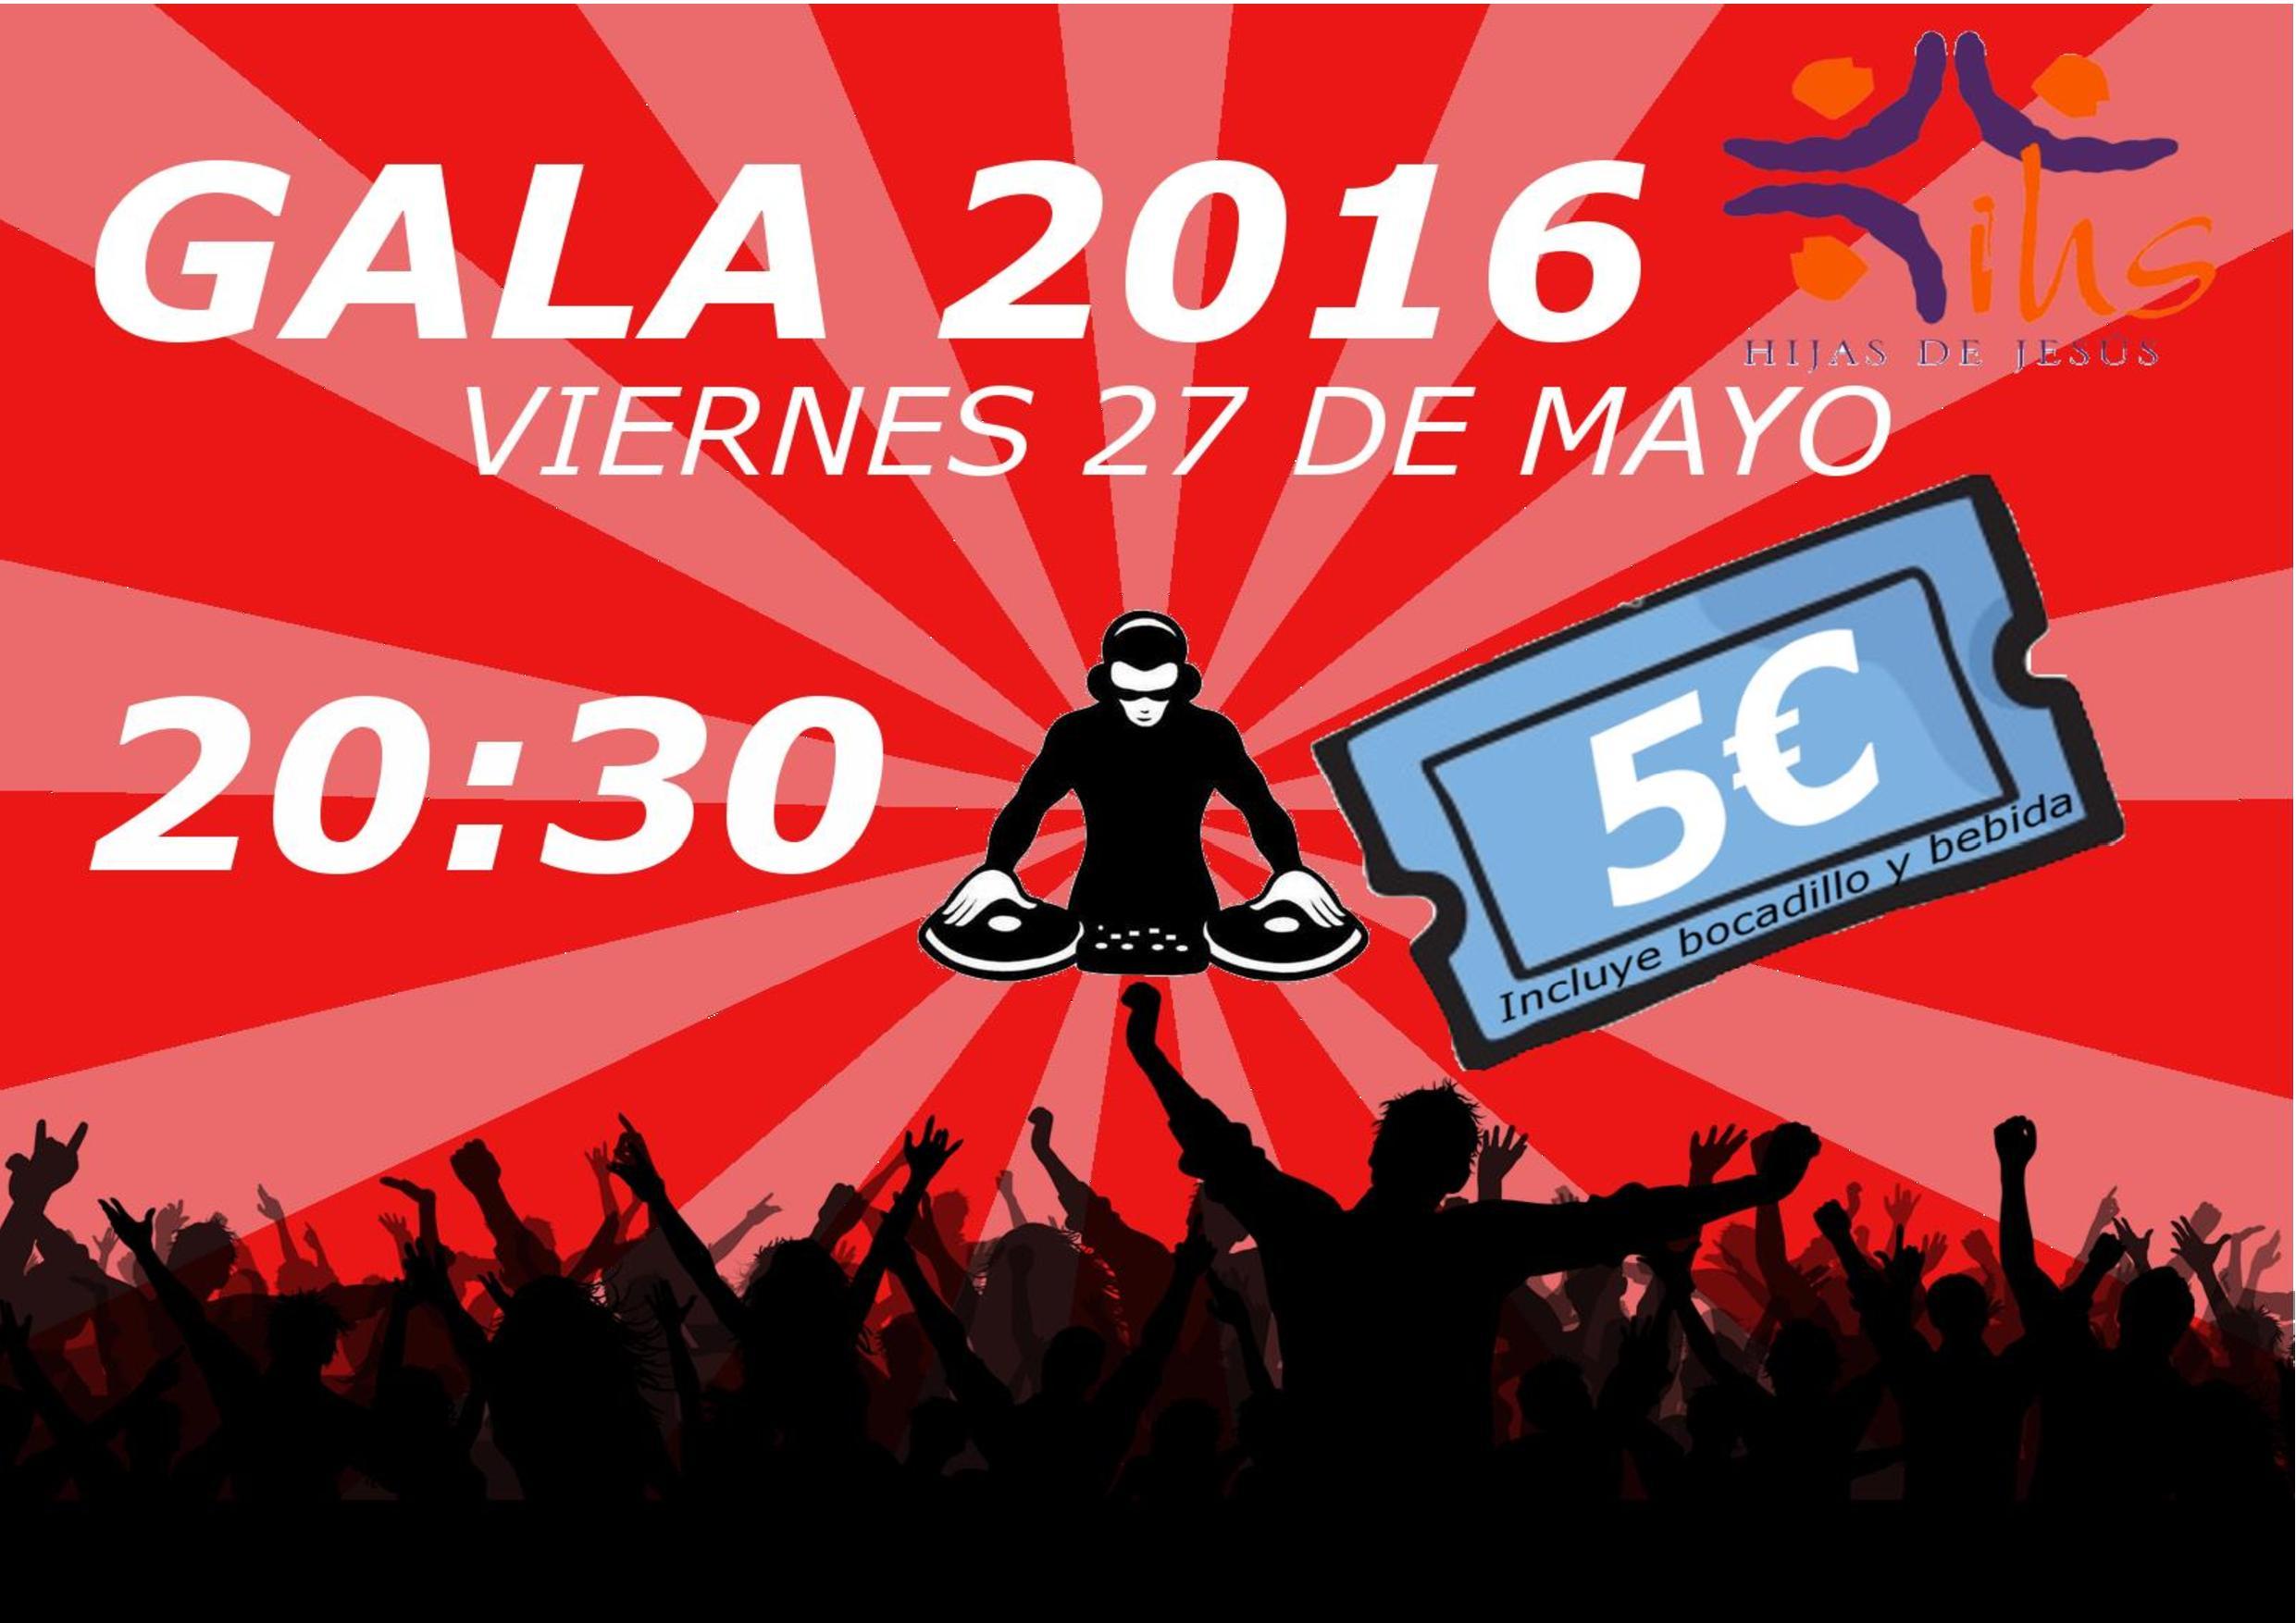 fiestas MV, colegio María Virgen, 2016, gala